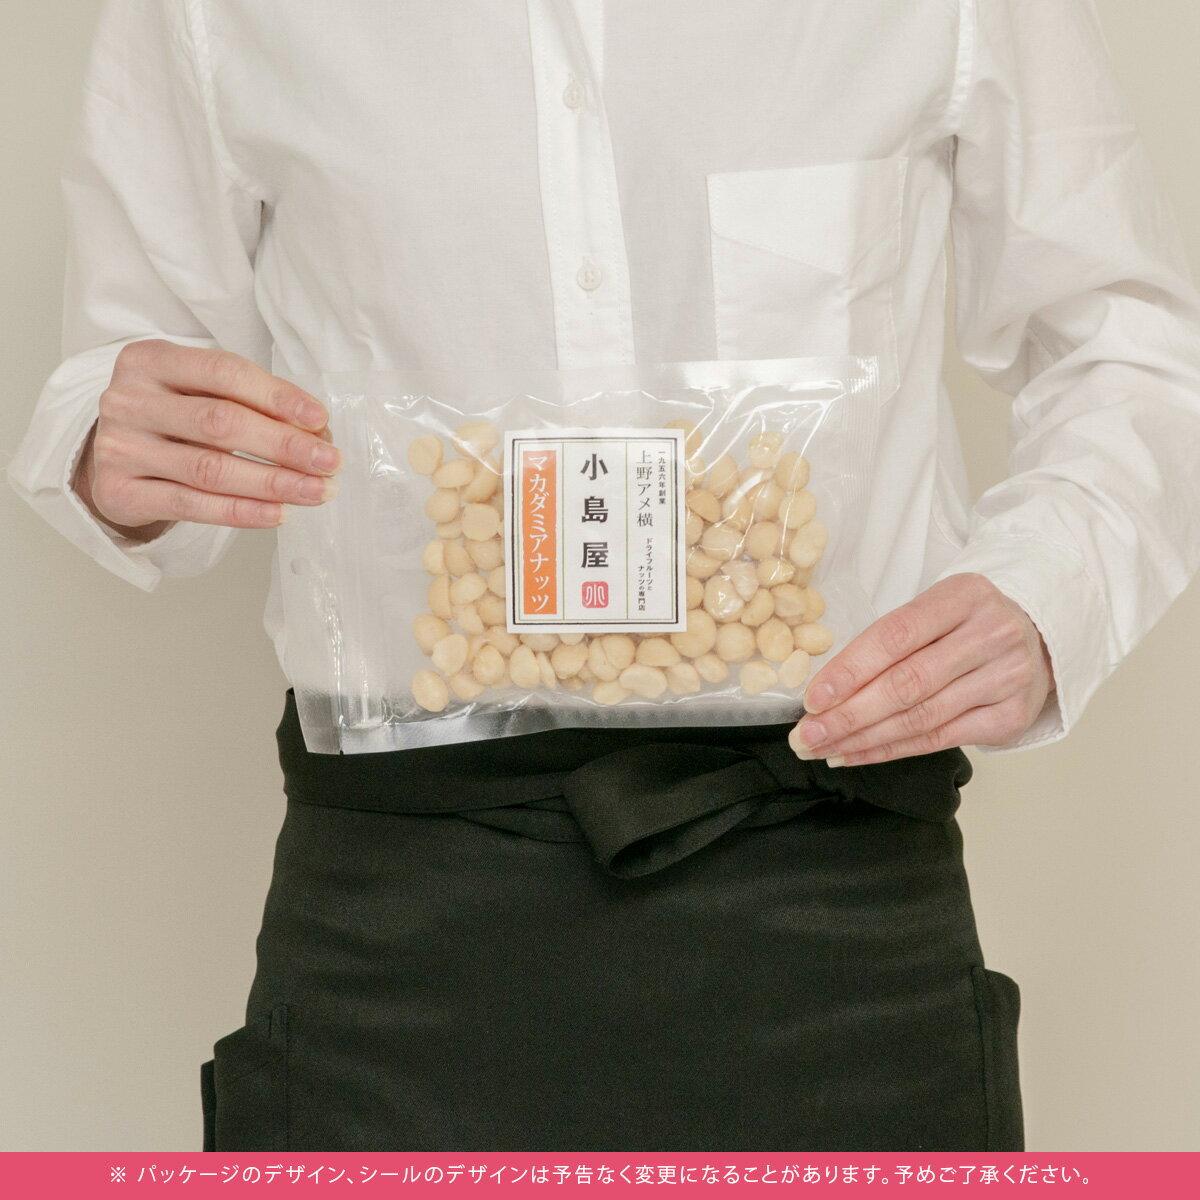 商材別(ナッツ)>マカダミアンナッツ>マカダミアナッツ 塩味